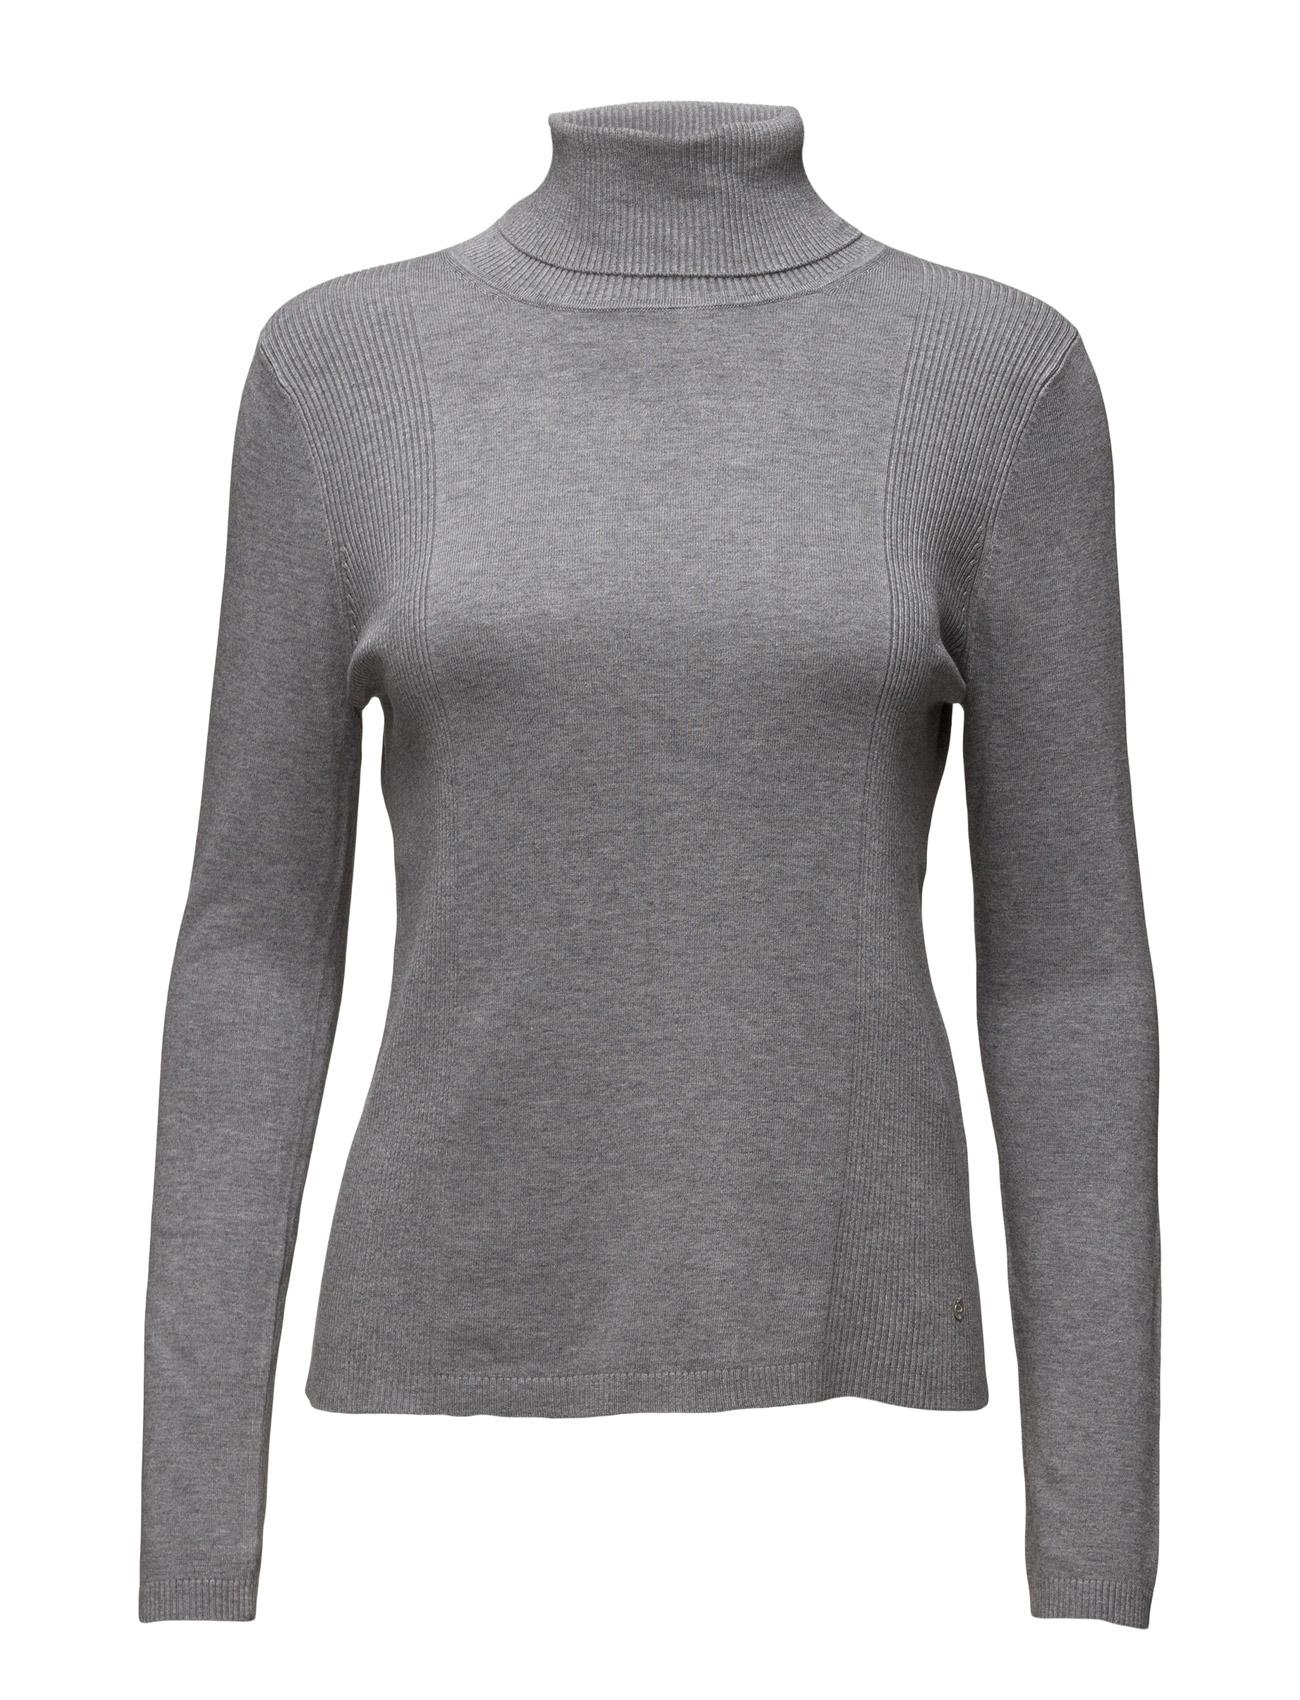 Pullover Long-Sleeve Gerry Weber Edition Højhalsede til Kvinder i